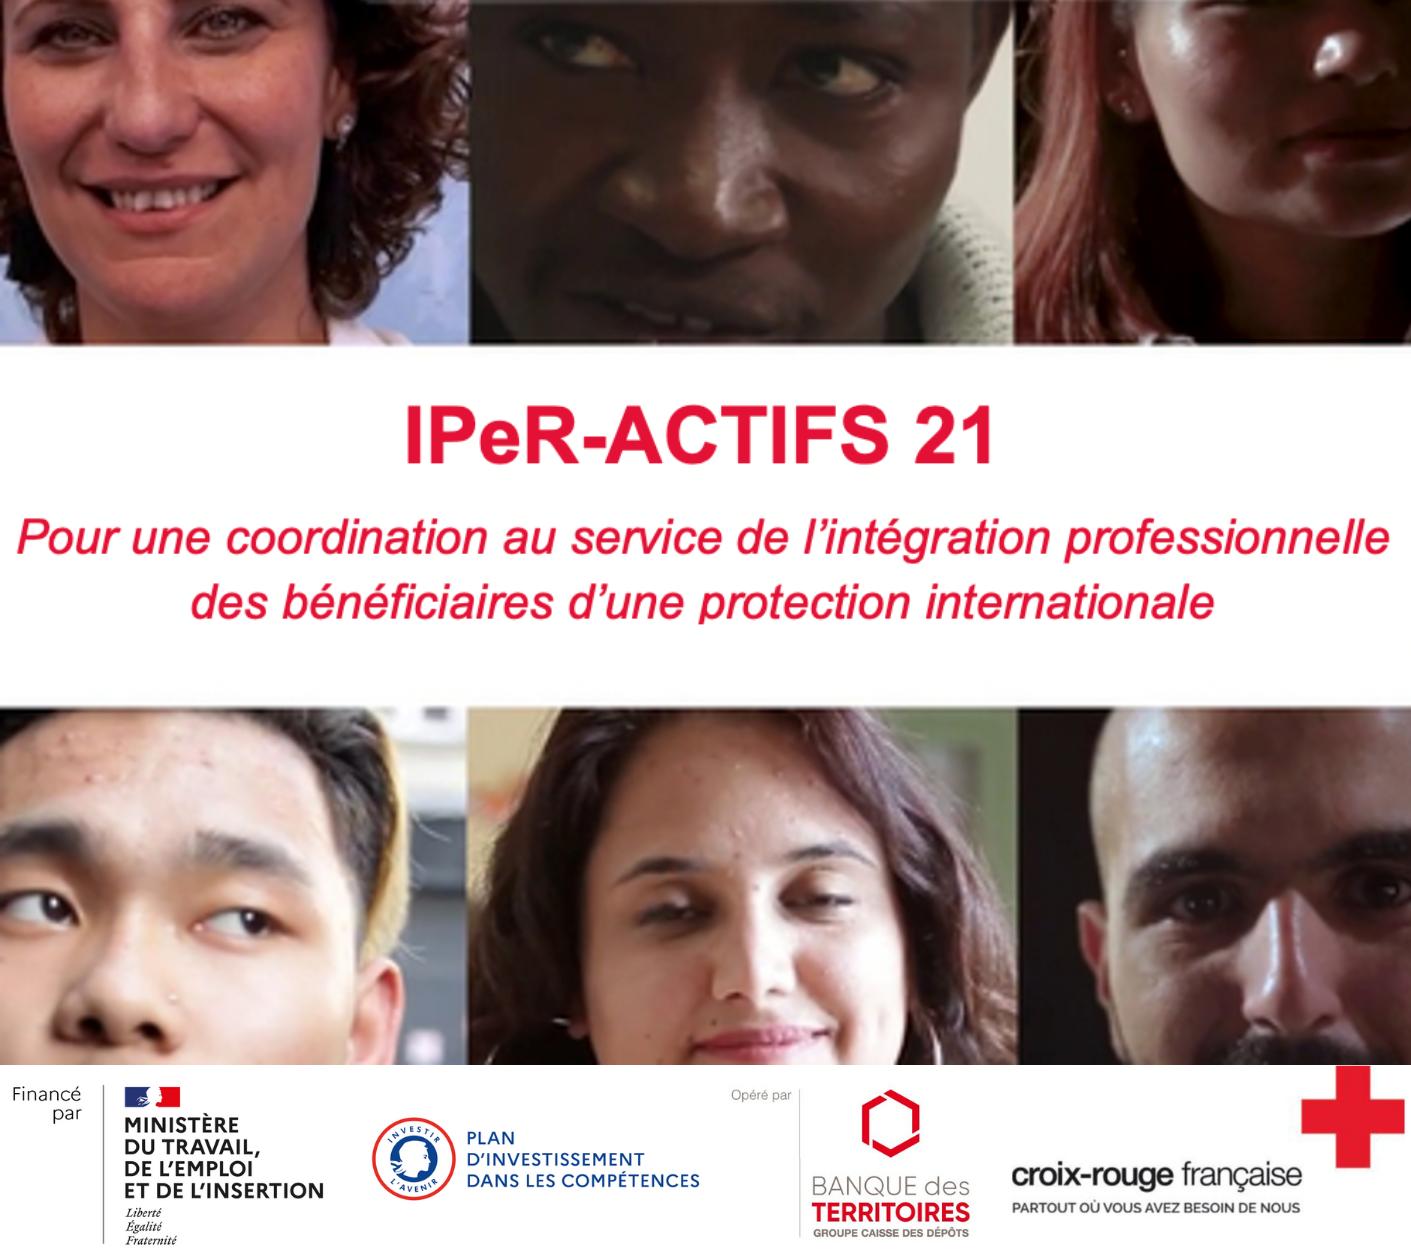 IPeR-ACTIFS 21